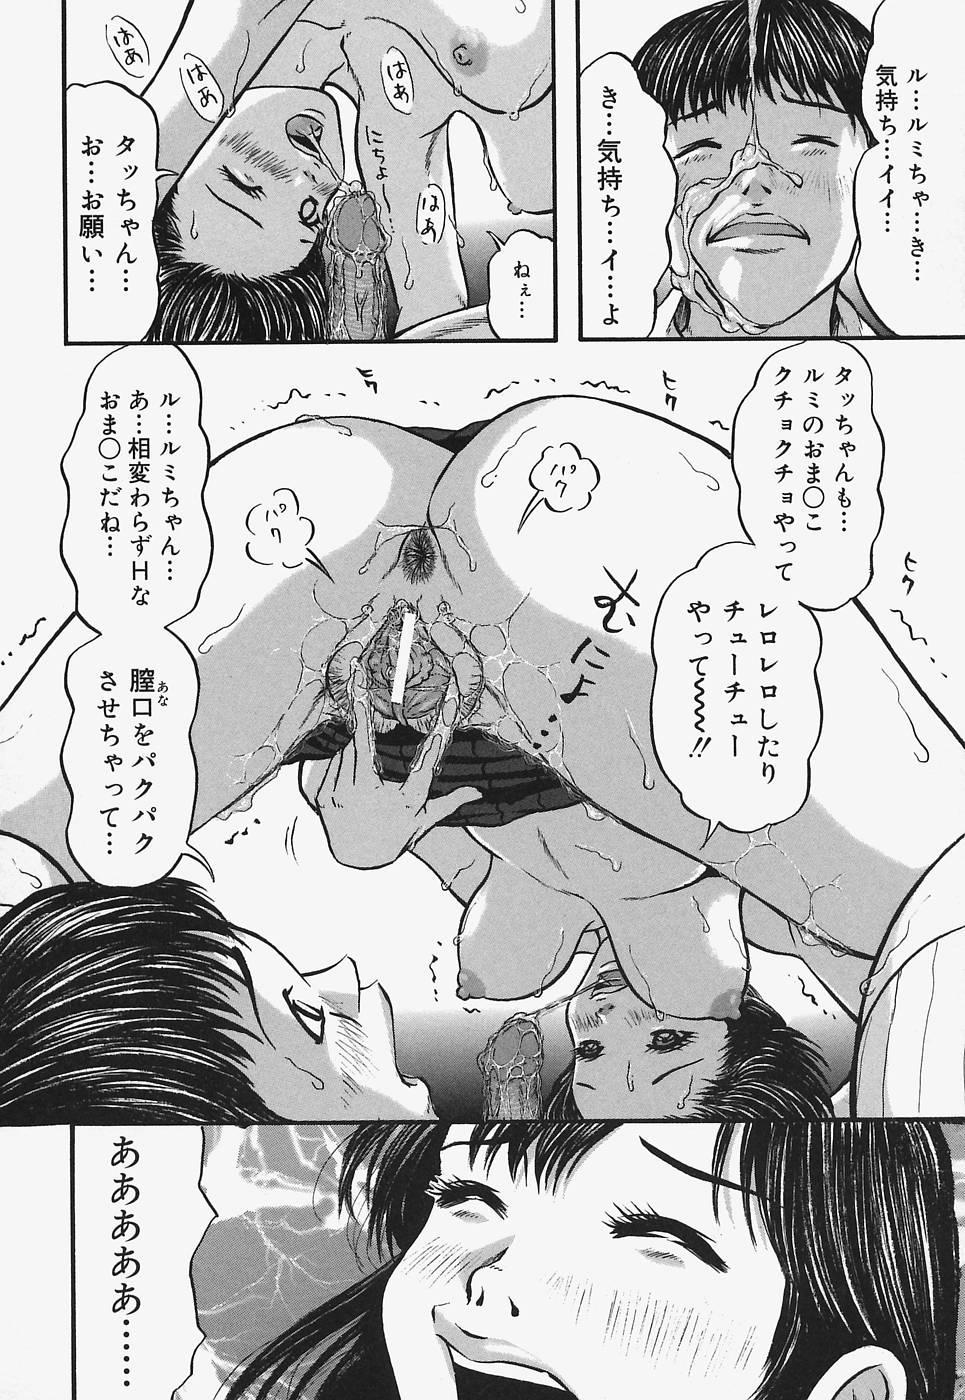 Nurunuru Syoujyo Jiru 55